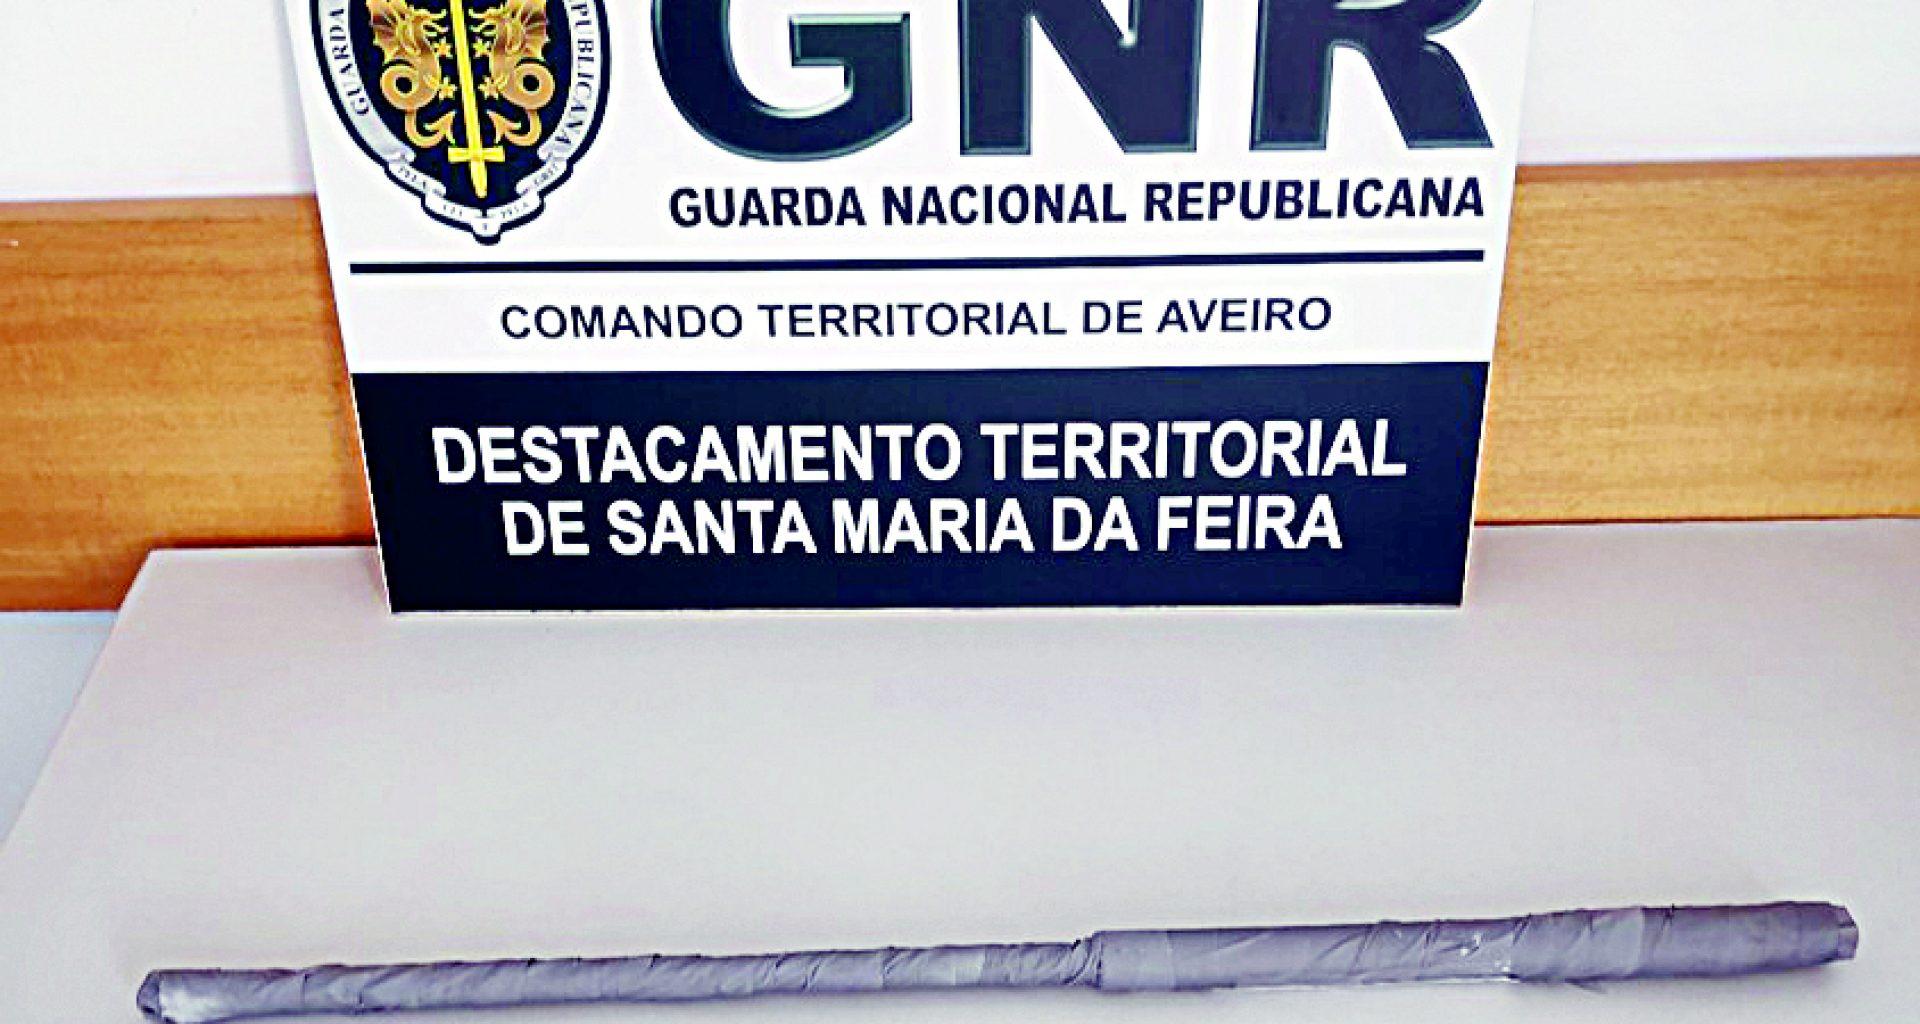 GNR Aveiro - Apreensão